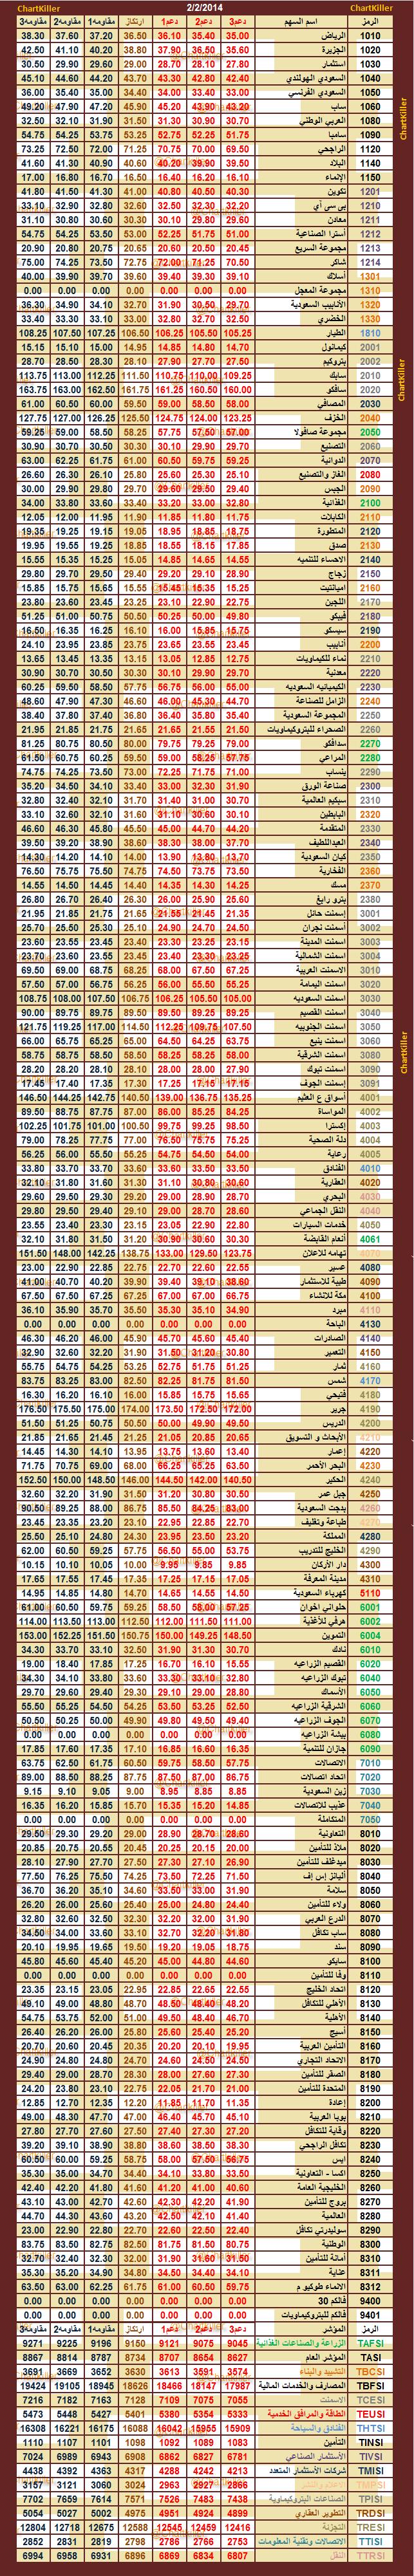 الدعم المقاومه ليوم  الاحد   2-2-2014  ::   السوق  السعودي 646837875